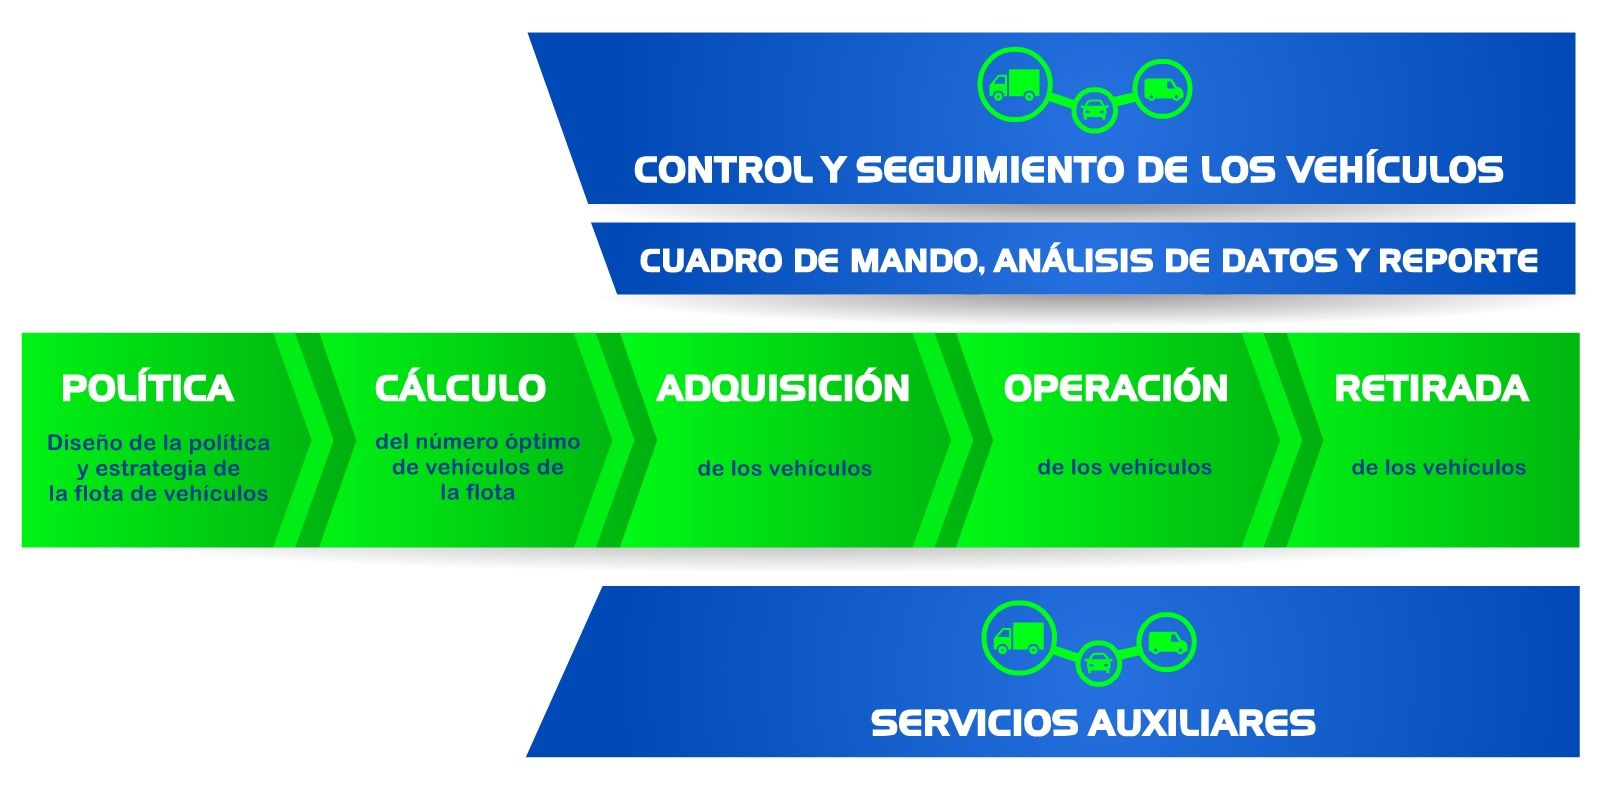 Inicio - Advanced Fleet Management Consulting